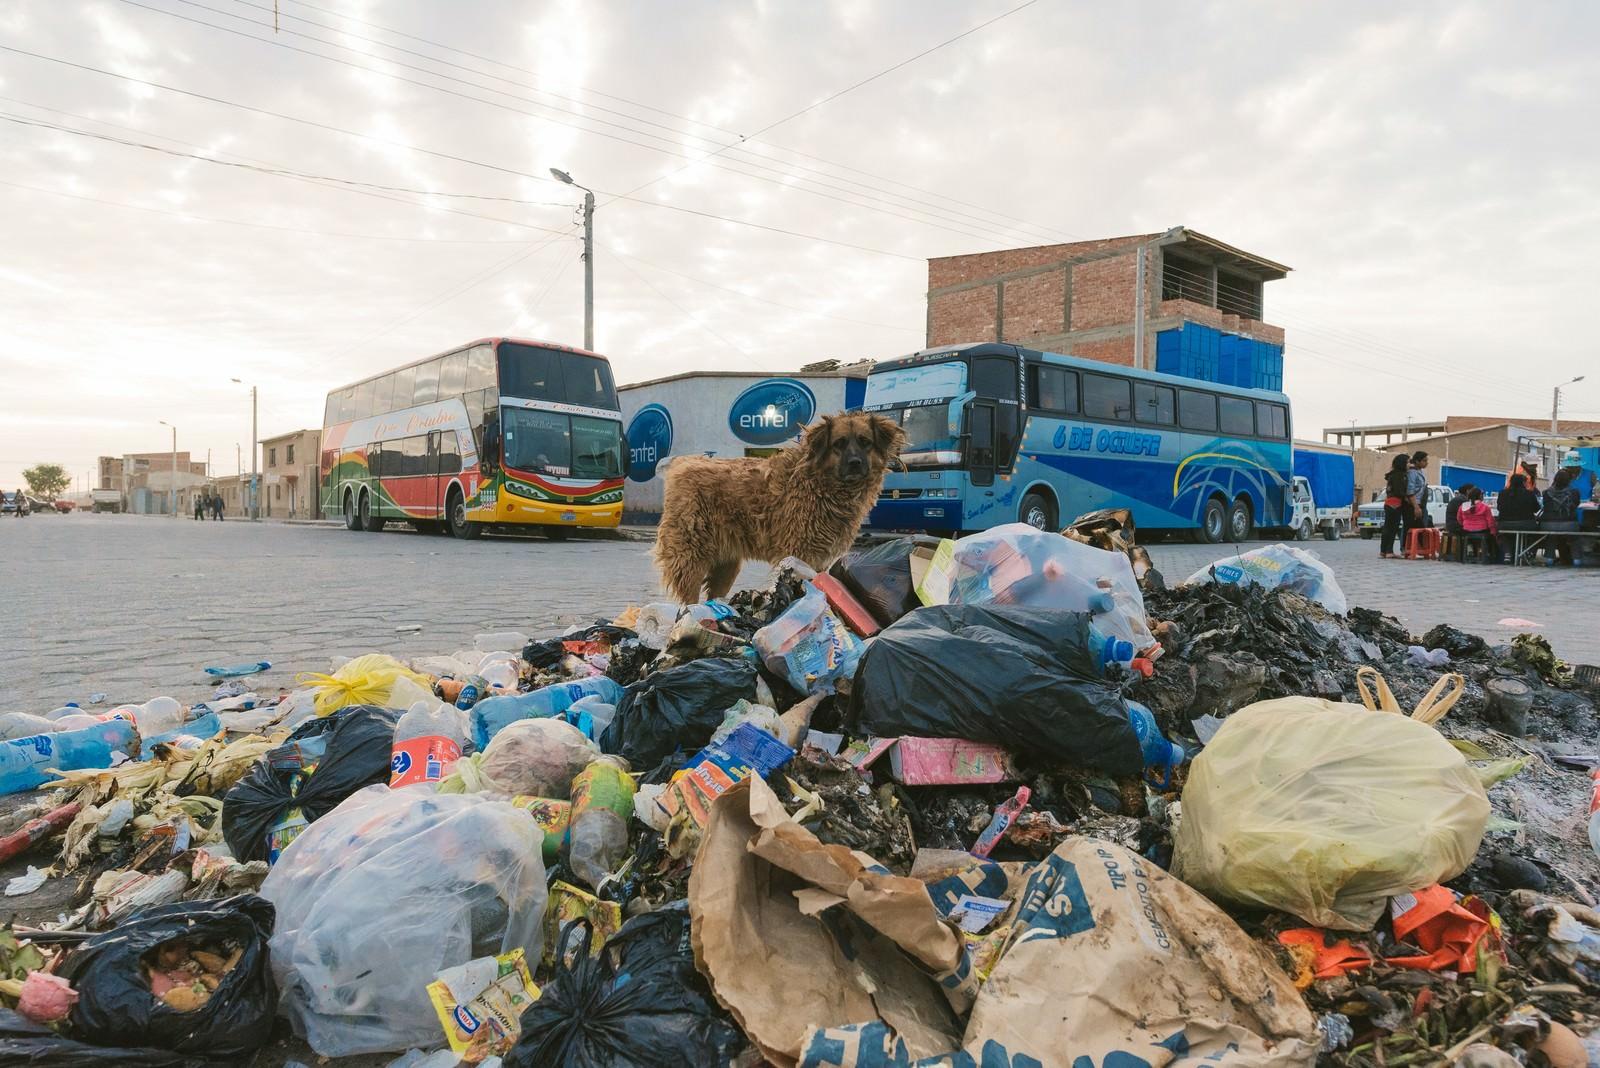 「ウユニ塩湖の絶景を見にくる観光バスとウユニ市の現状(ごみ廃棄物問題)」の写真